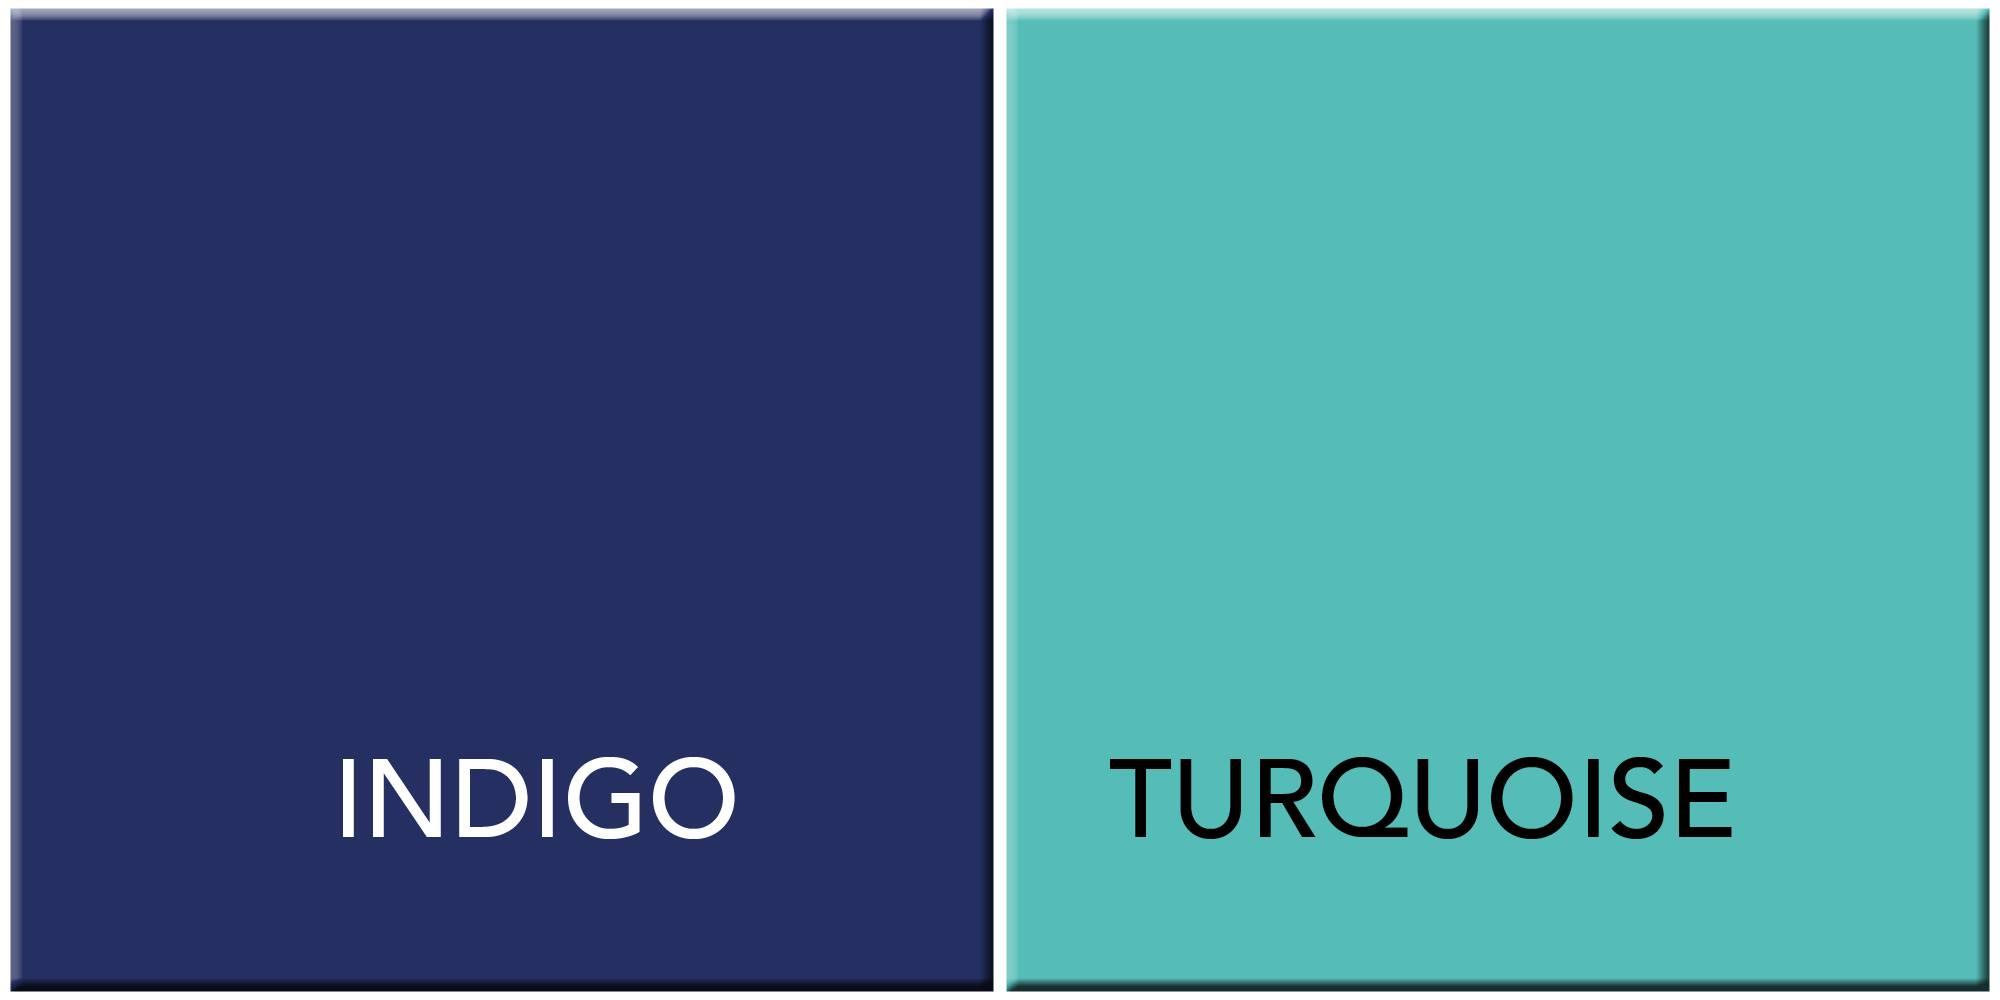 04-10-15 indigo-turquoise